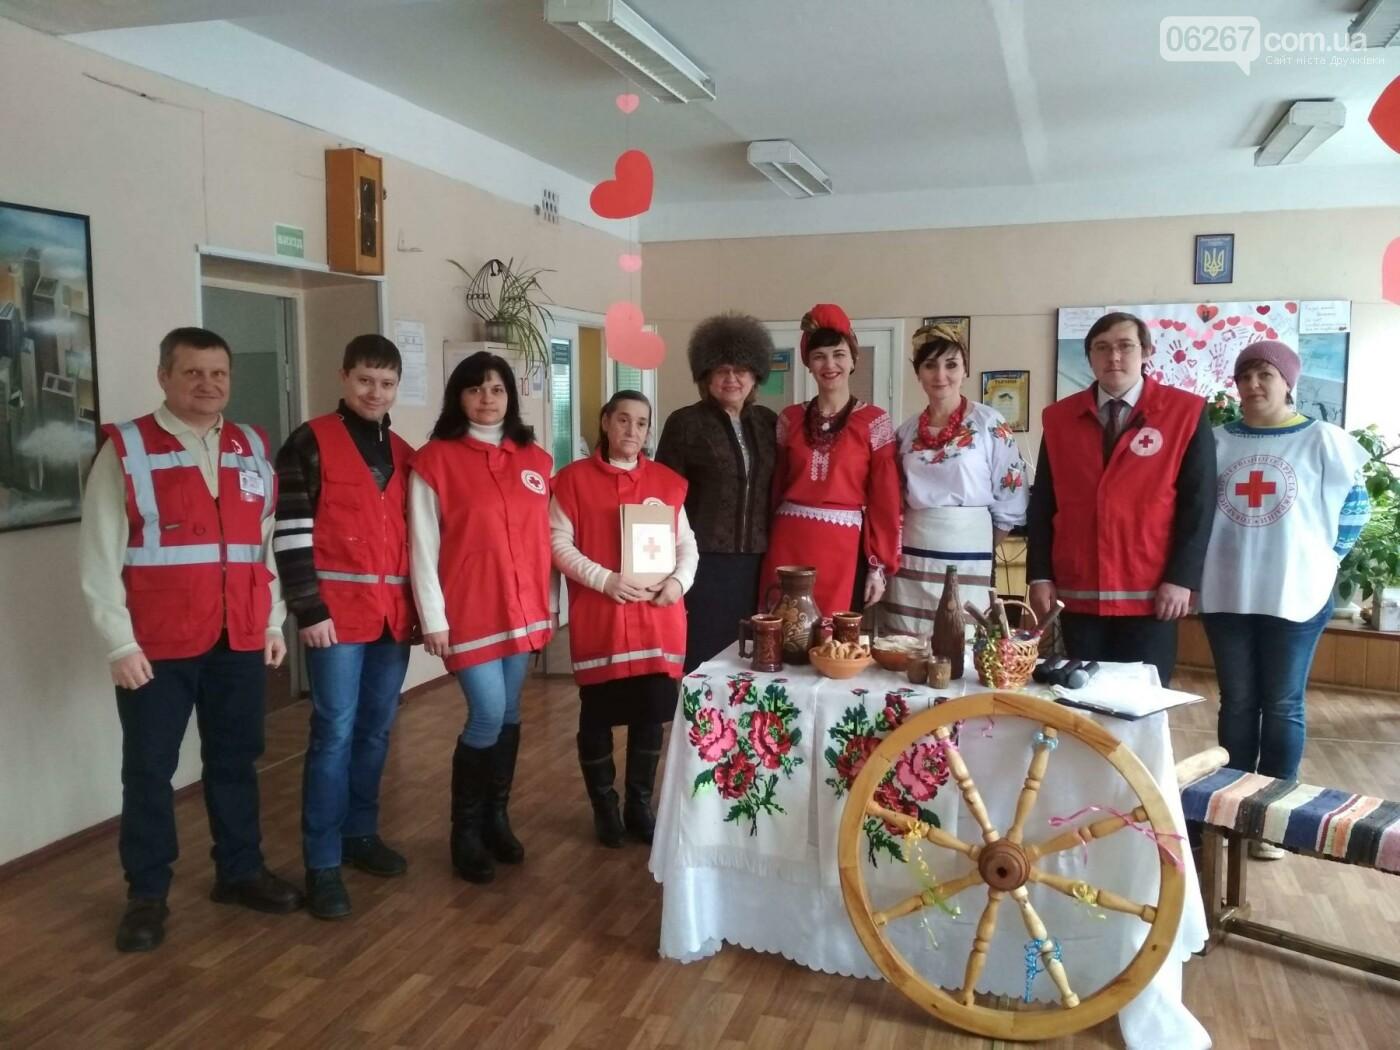 Студенты-строители в Дружковке отпраздновали Масленицу вместе с представителями Общества Красного Креста , фото-2